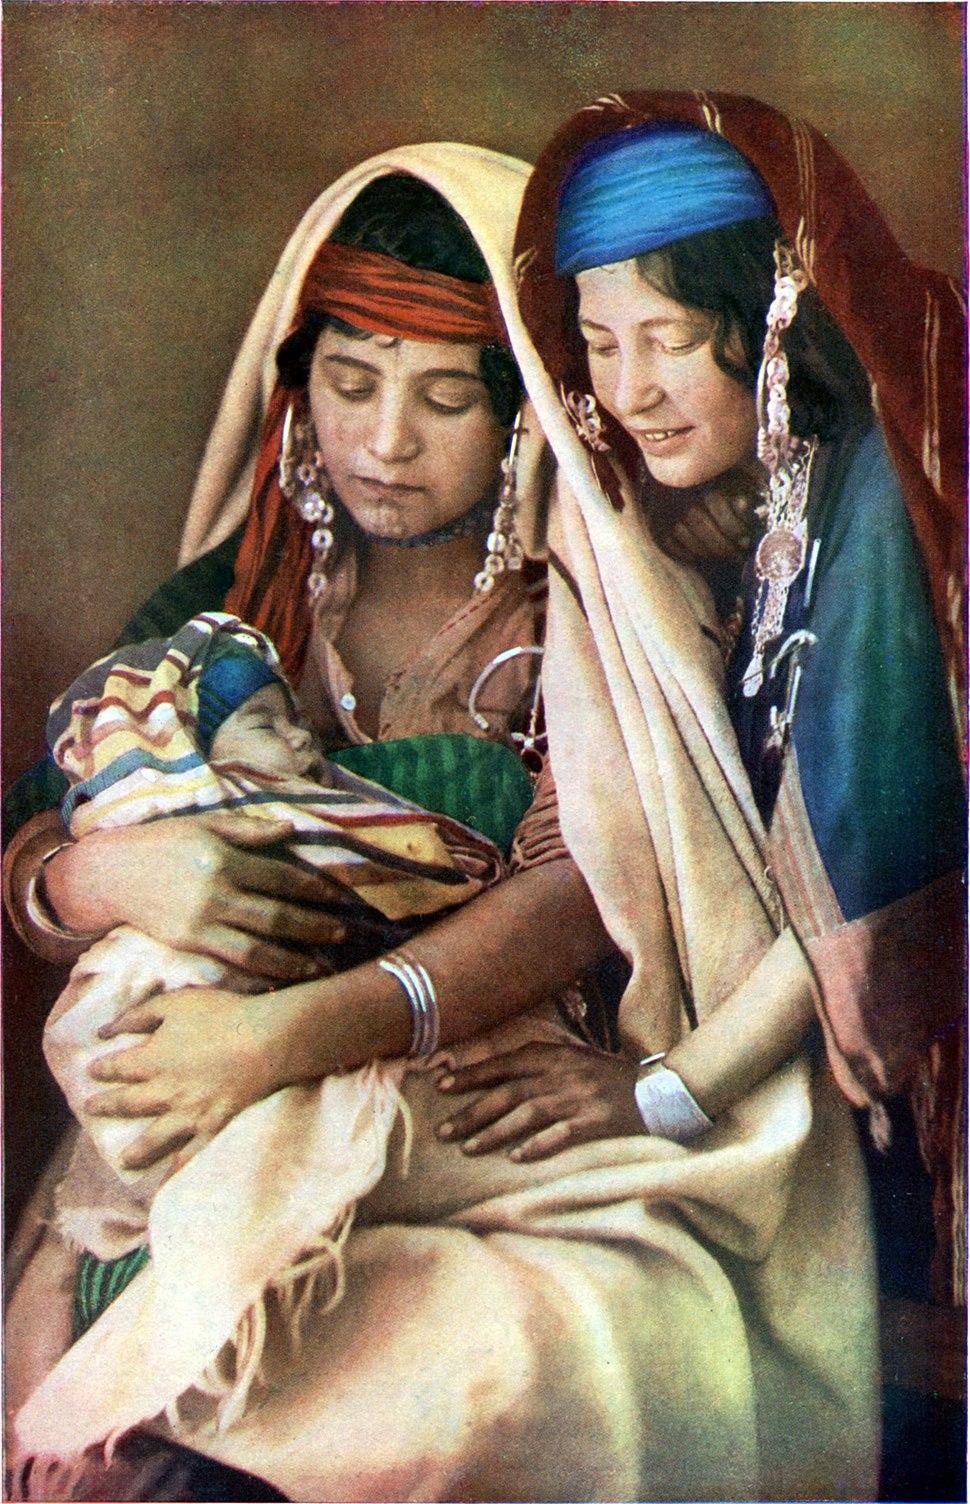 Beduin women